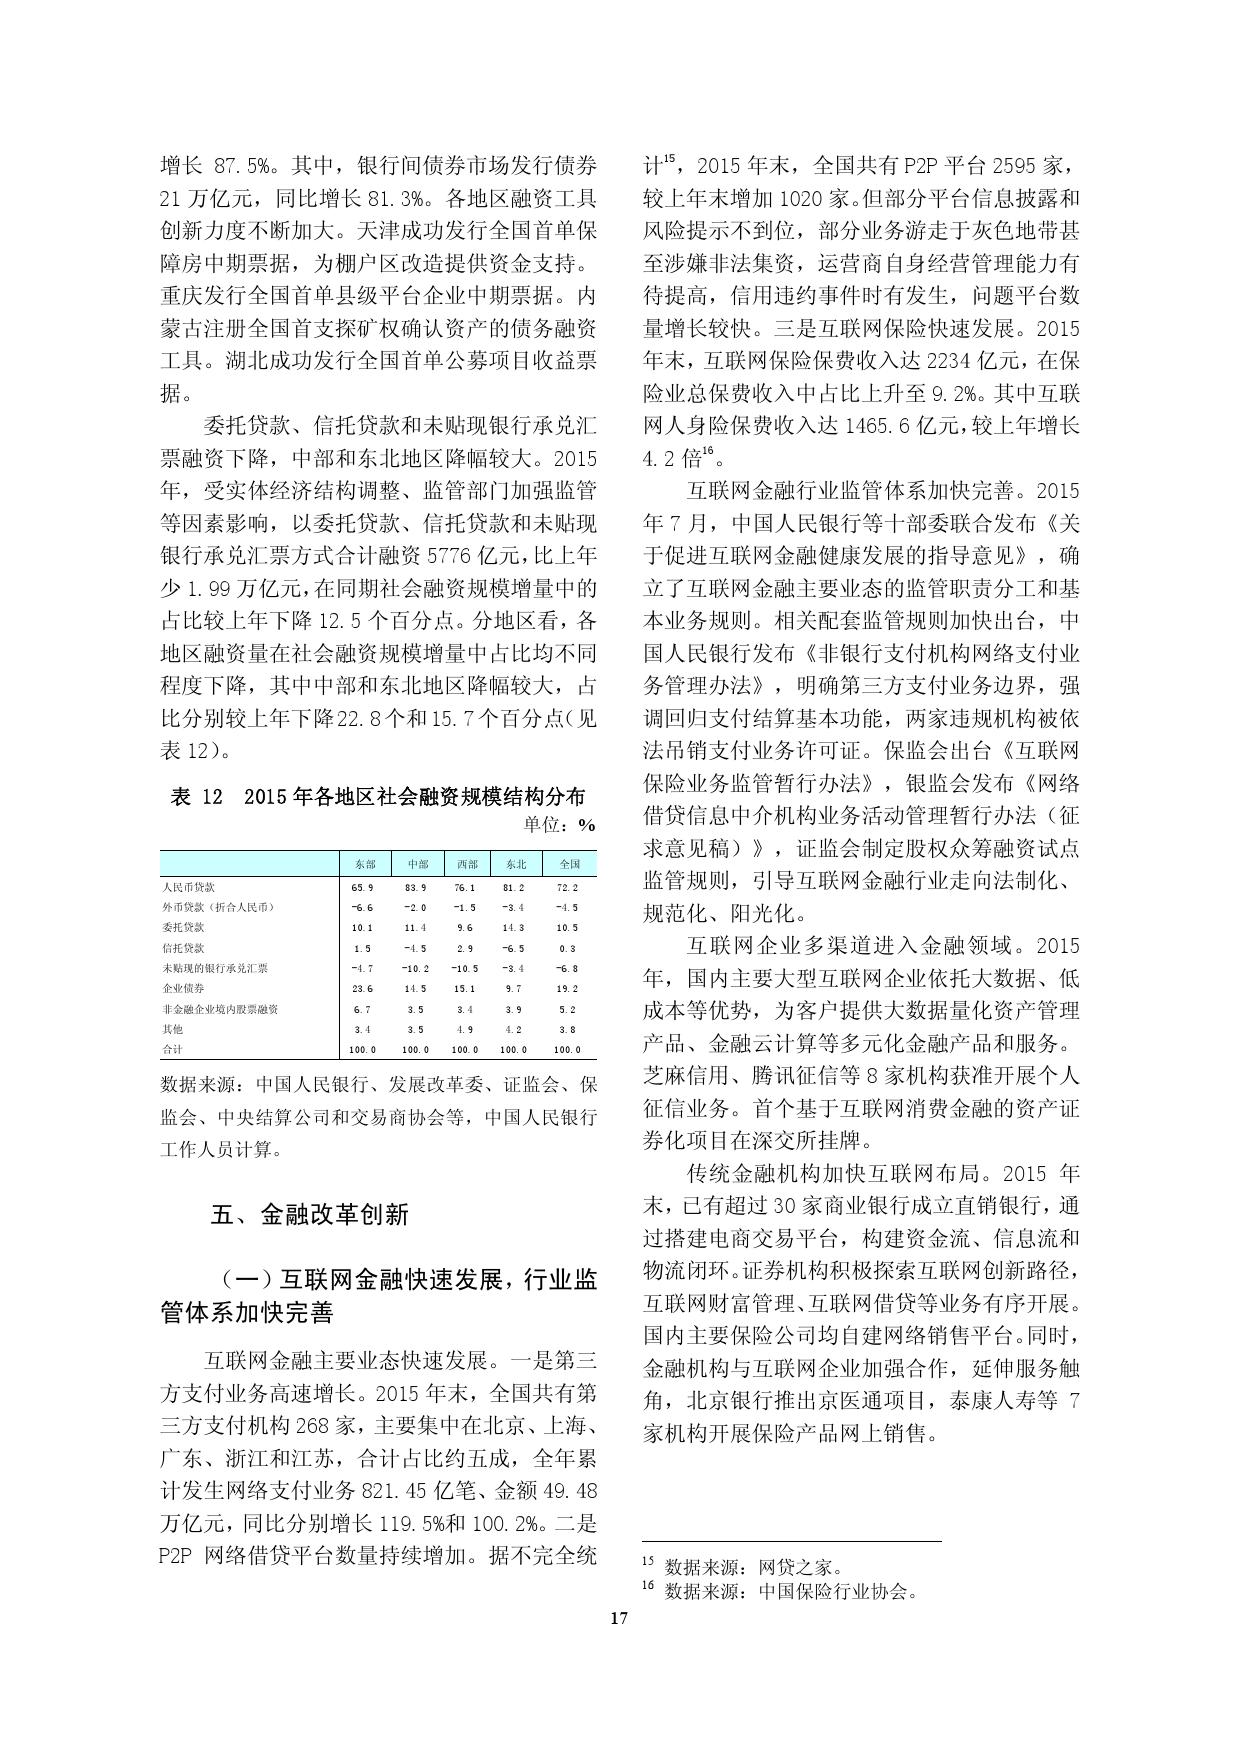 2015年中国区域金融运行报告_000020